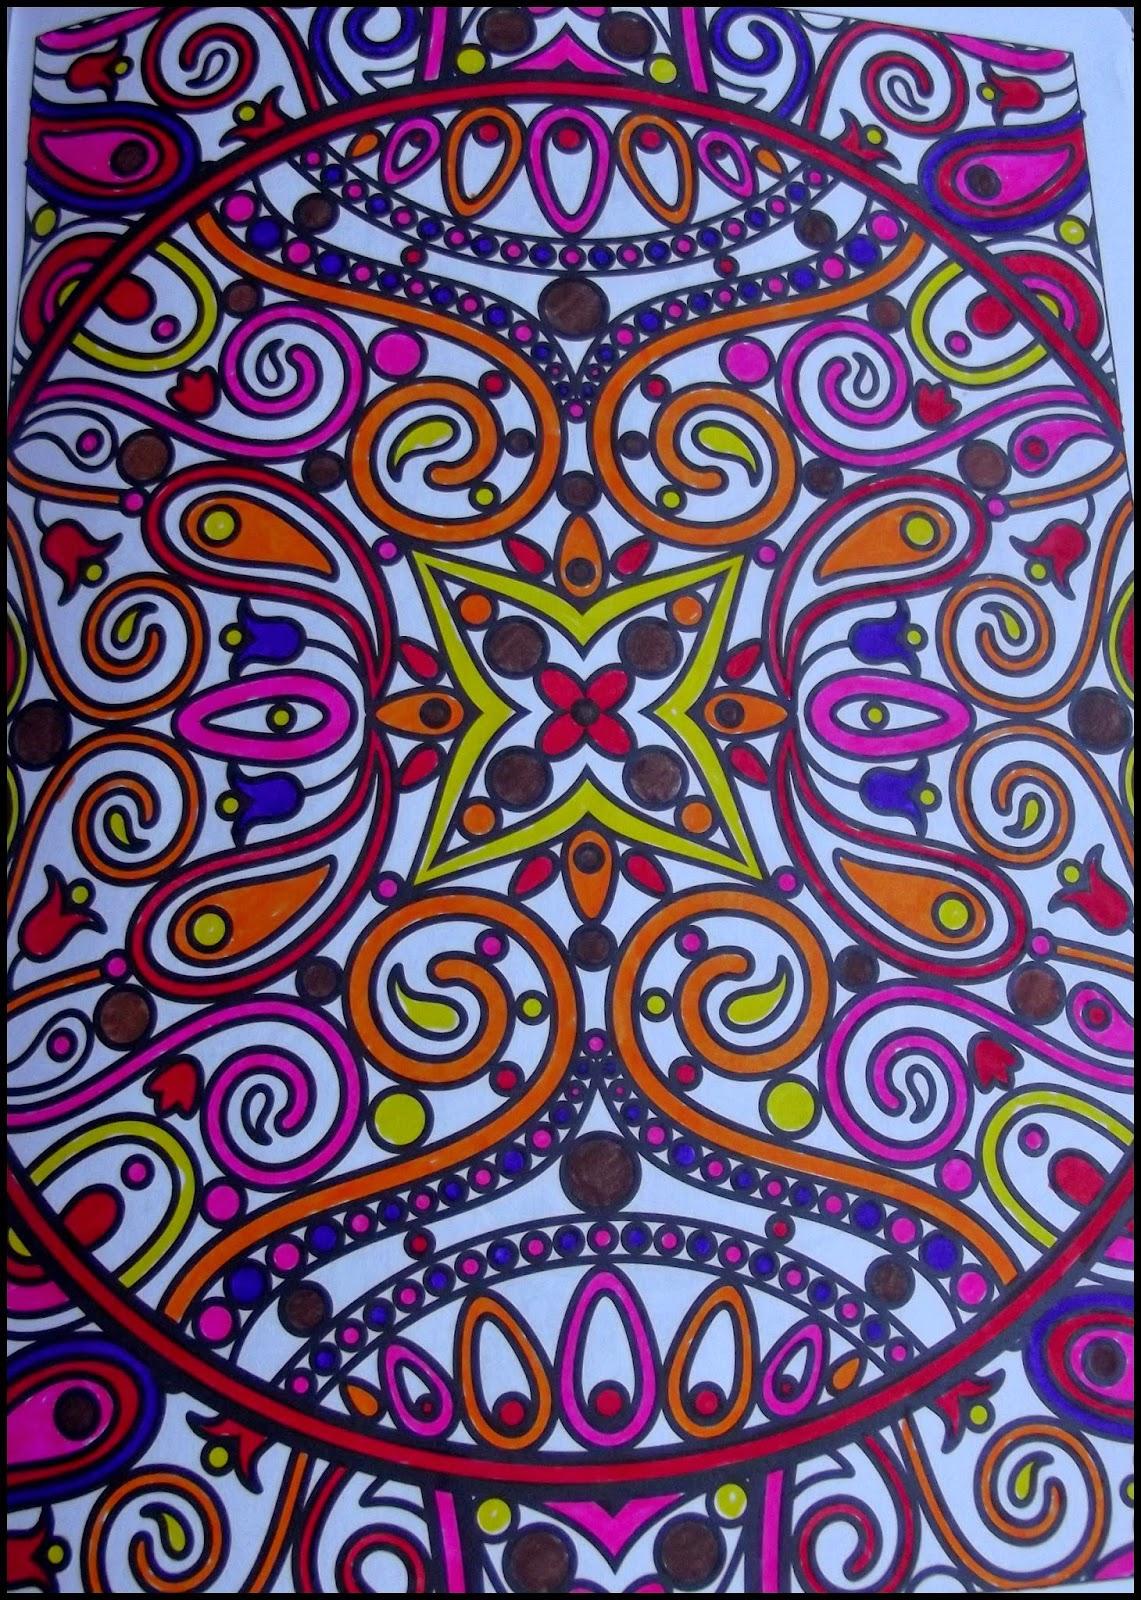 Coloriages pour enfants : coloriages à imprimer - Modele Coloriage À Imprimer